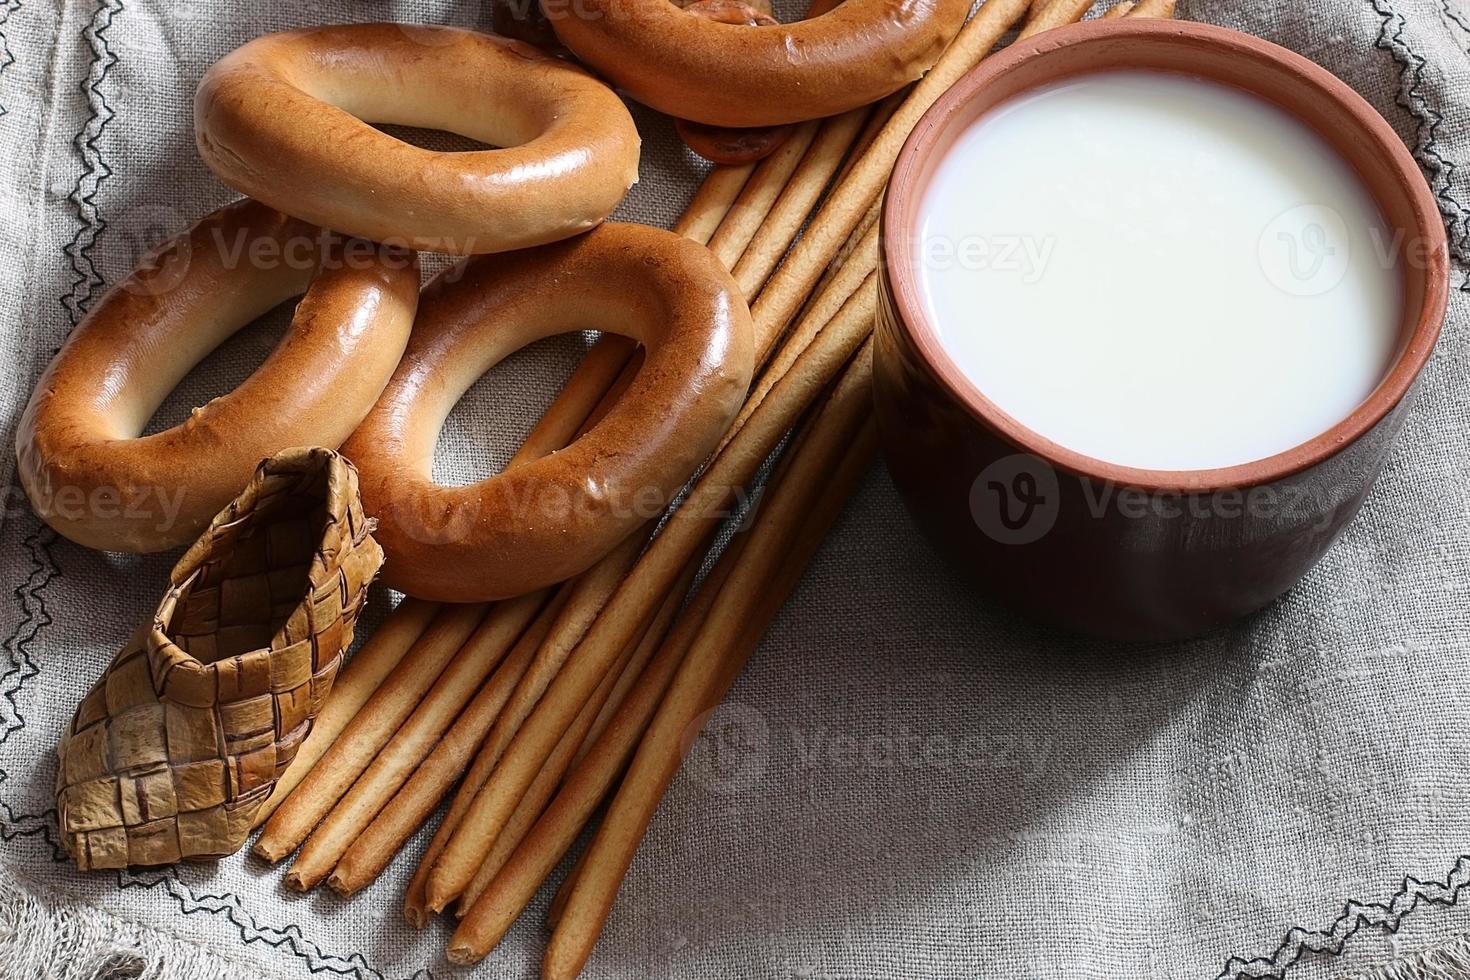 cibo latte in una cannuccia di vetro bagel e salatini foto